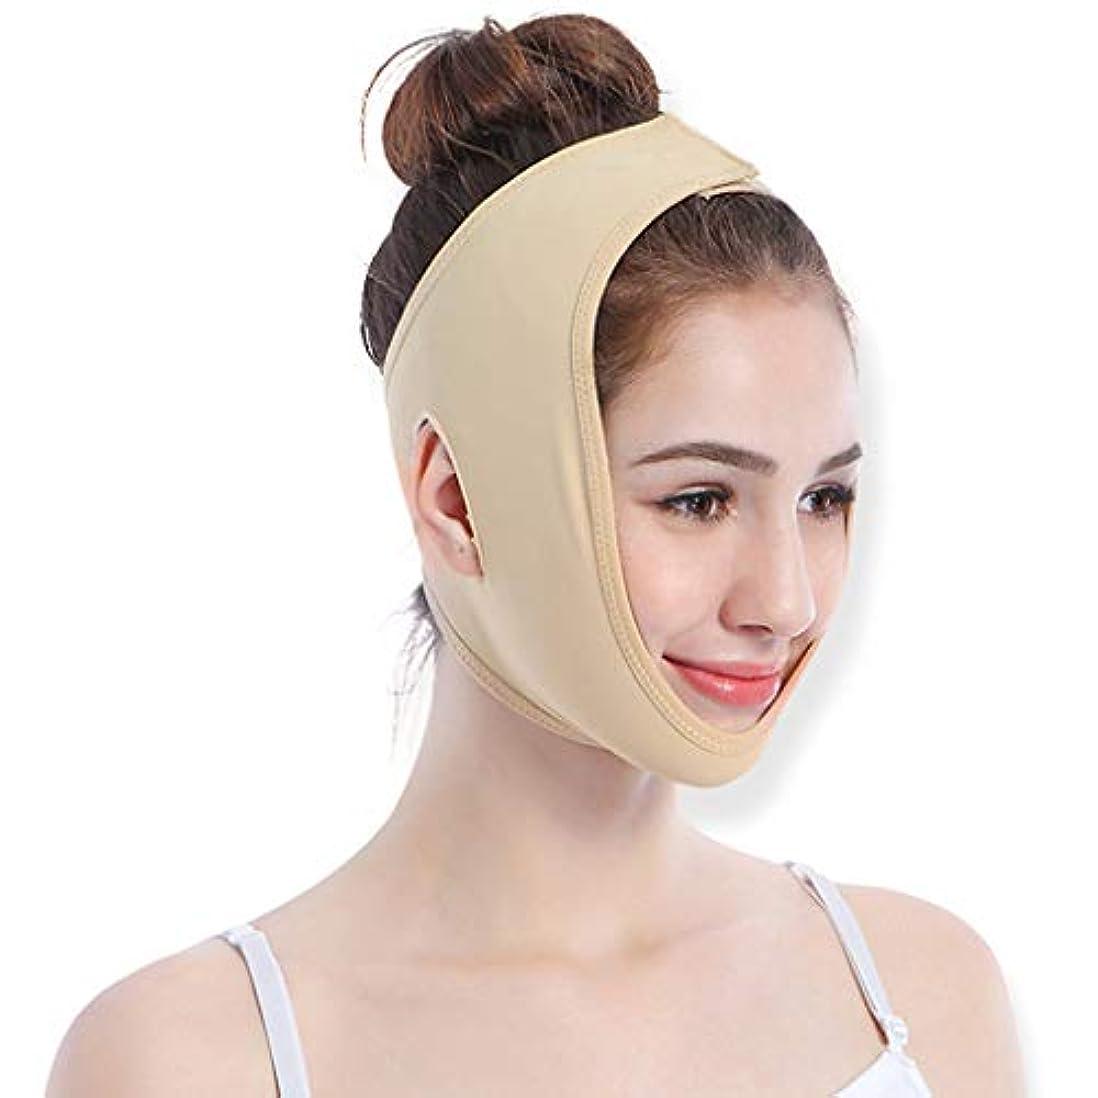 句挽く乳製品薄い顔のマスクの男性と女性の顔のv顔のマスクの顔の楽器の包帯,XL